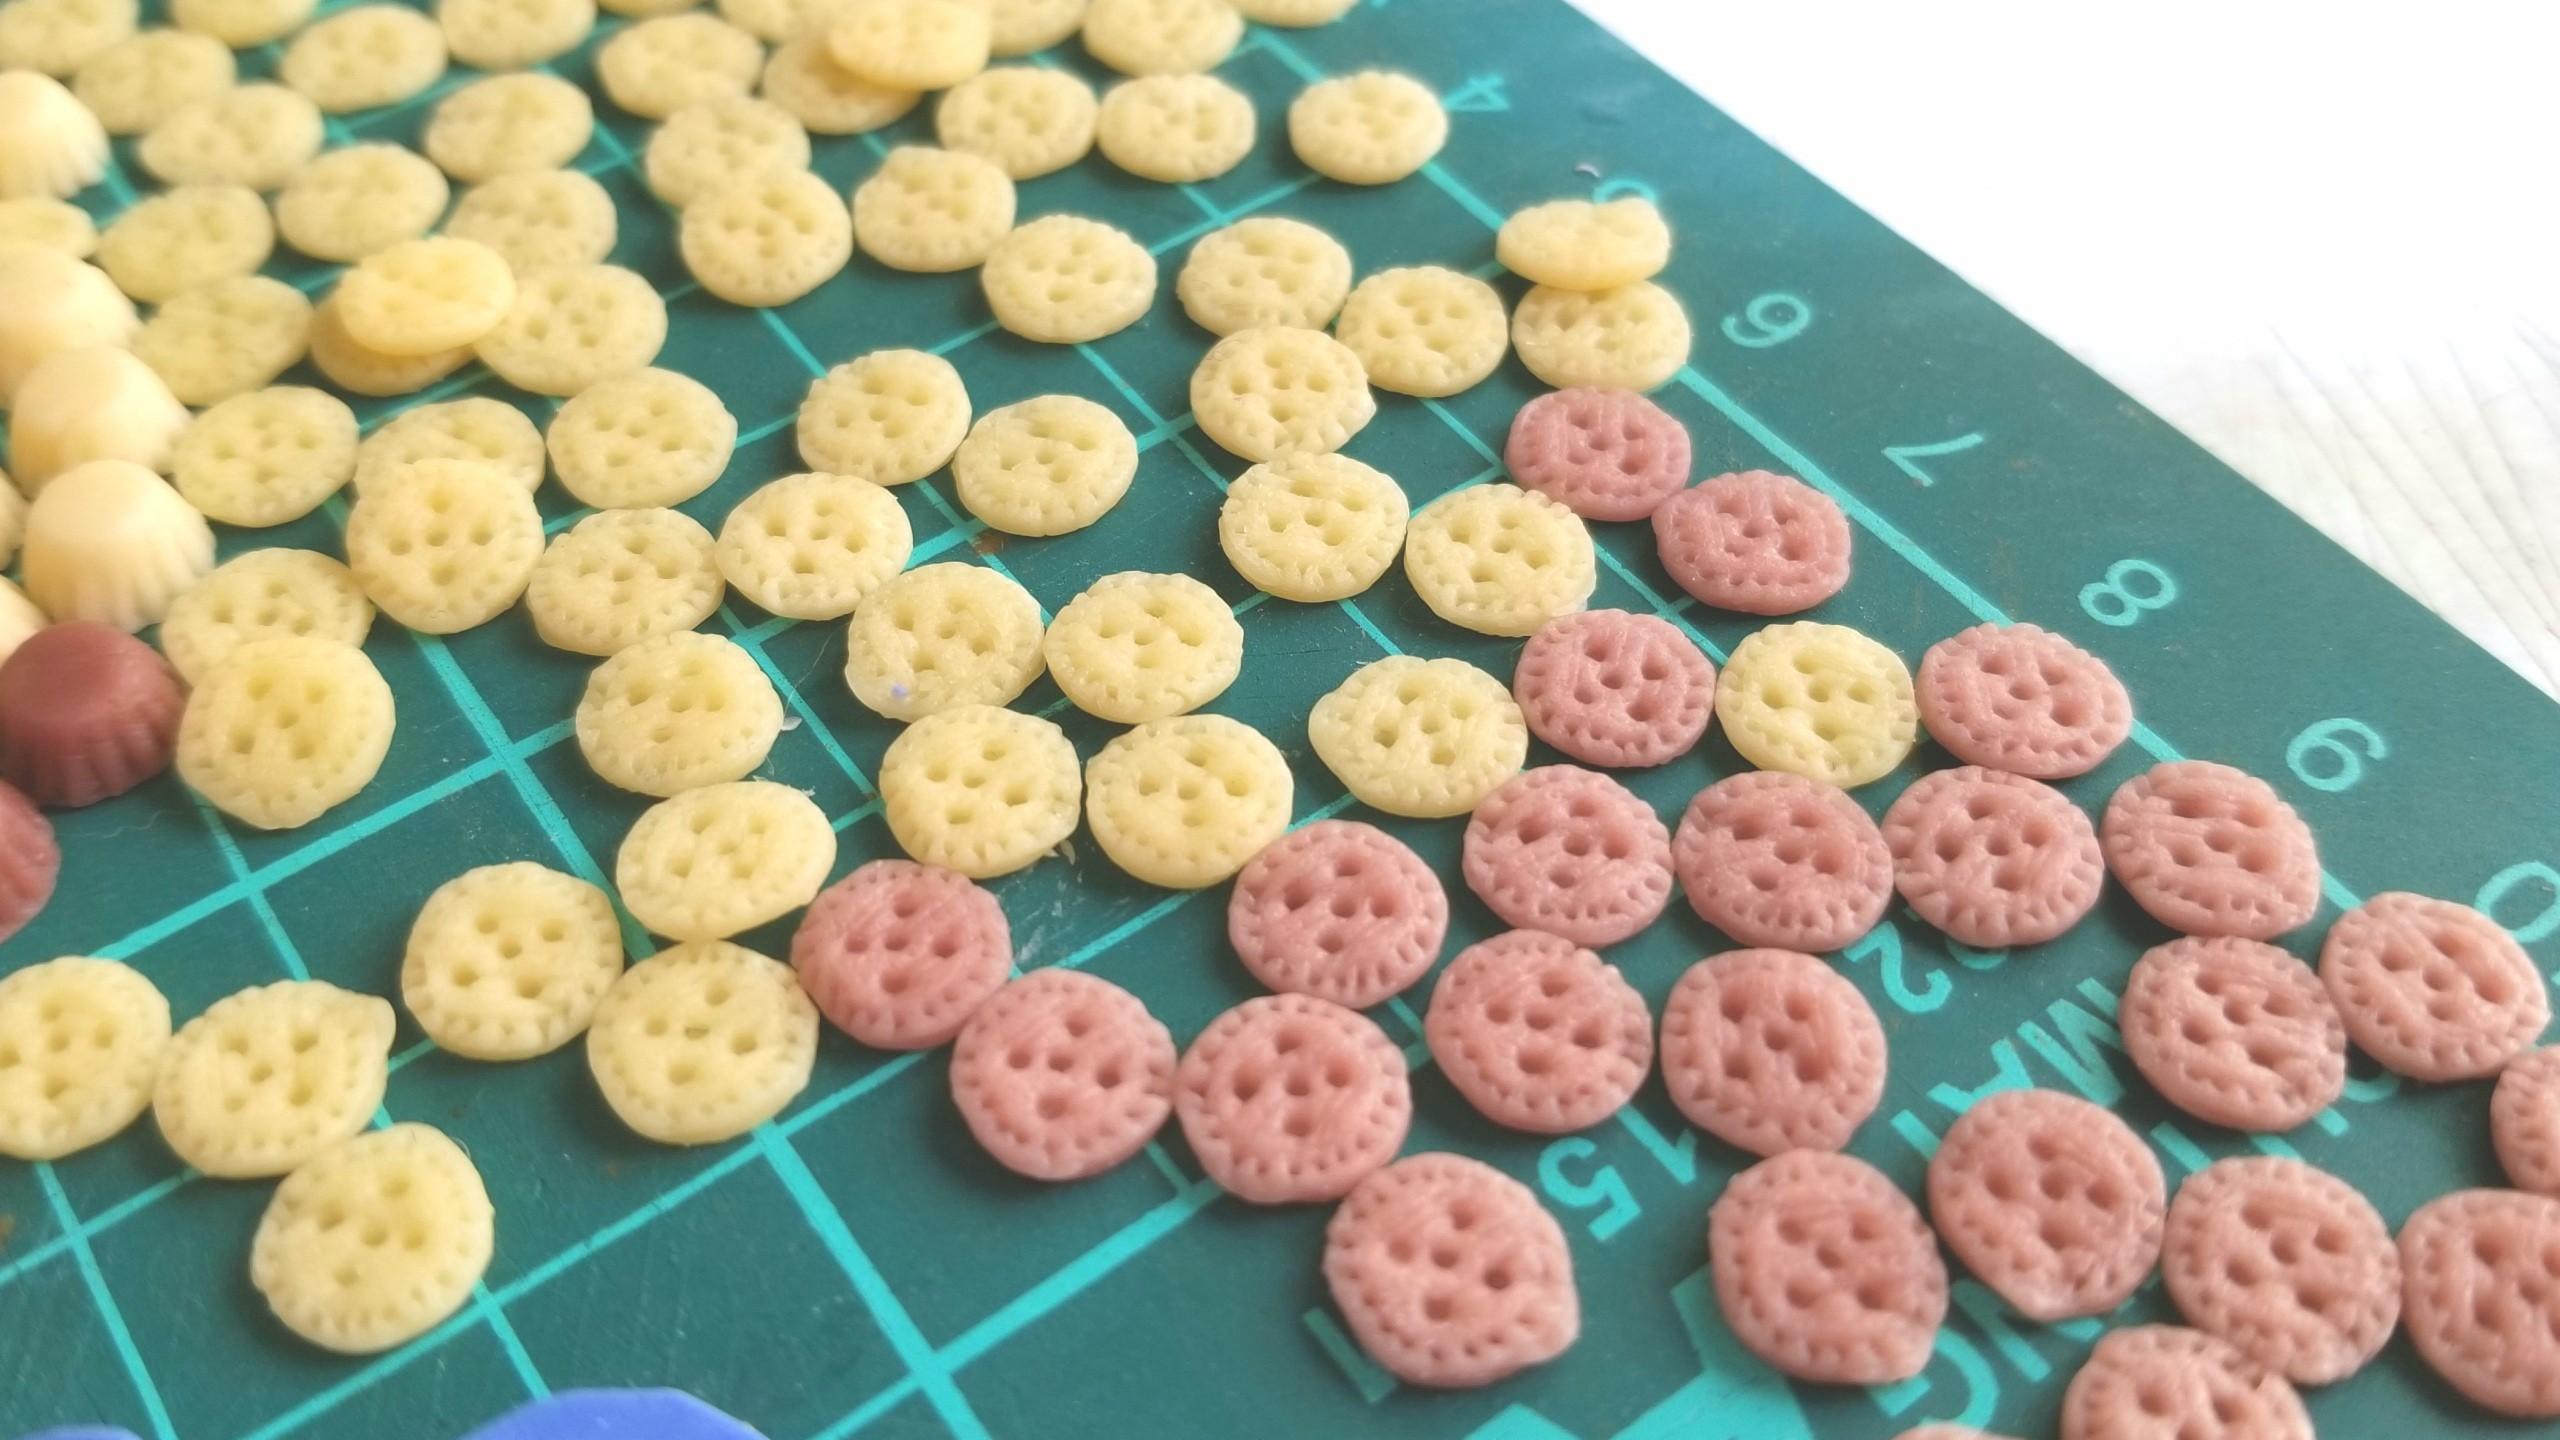 ミニチュア,ボタン柄クッキーサンド,作り方,樹脂粘土,食品サンプル